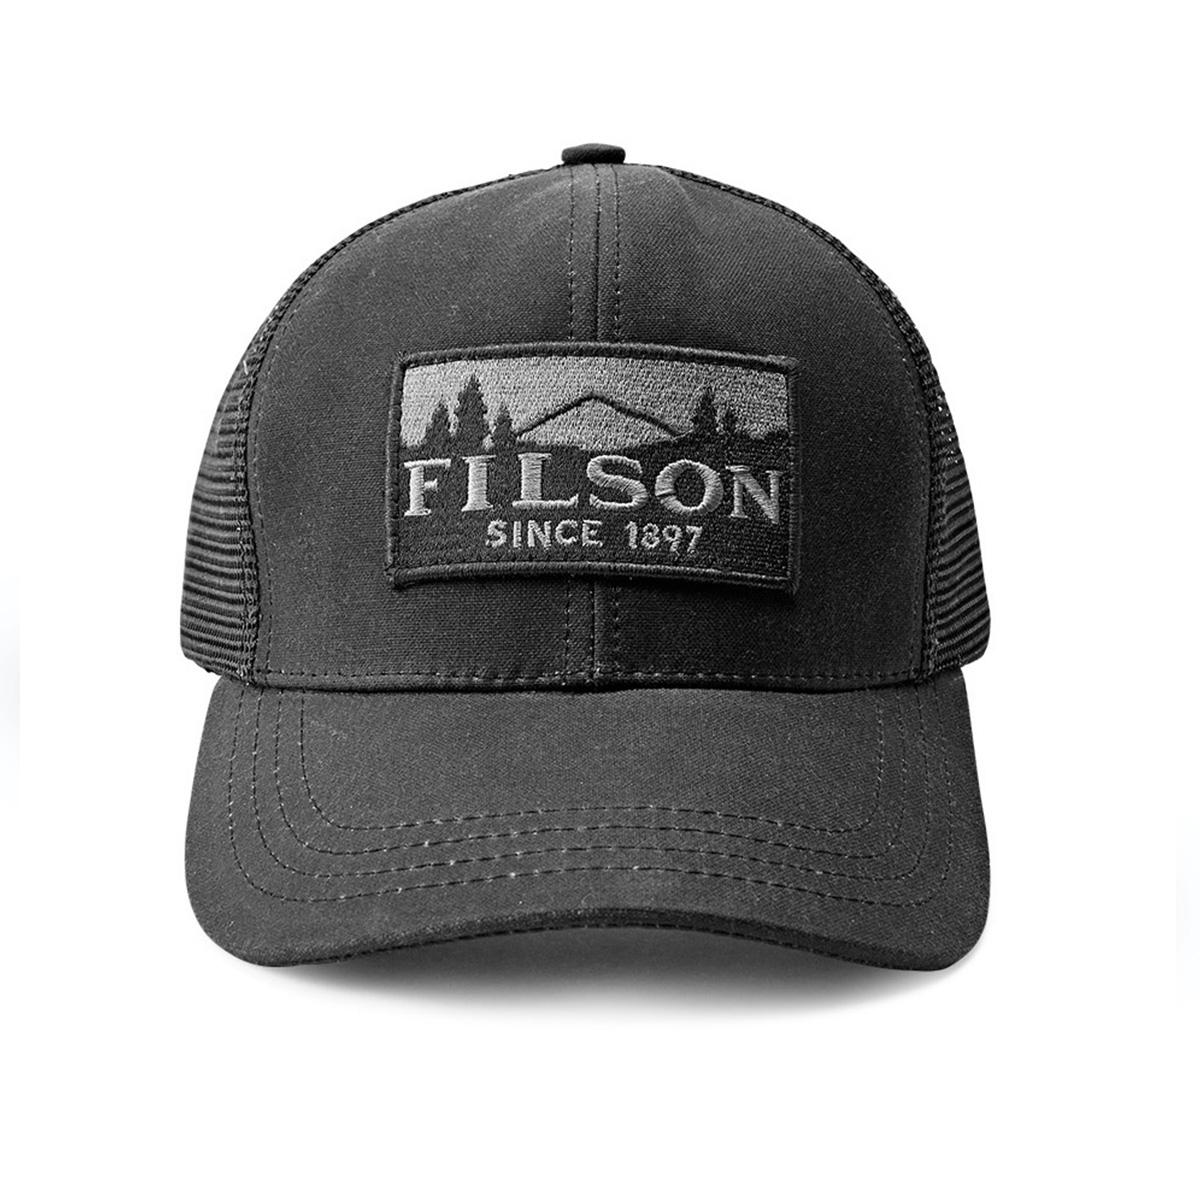 Filson Logger Mesh Cap 11030237-Black,strapazierfähige Kappe aus ikonischem, wasserabweisendem Tin Cloth